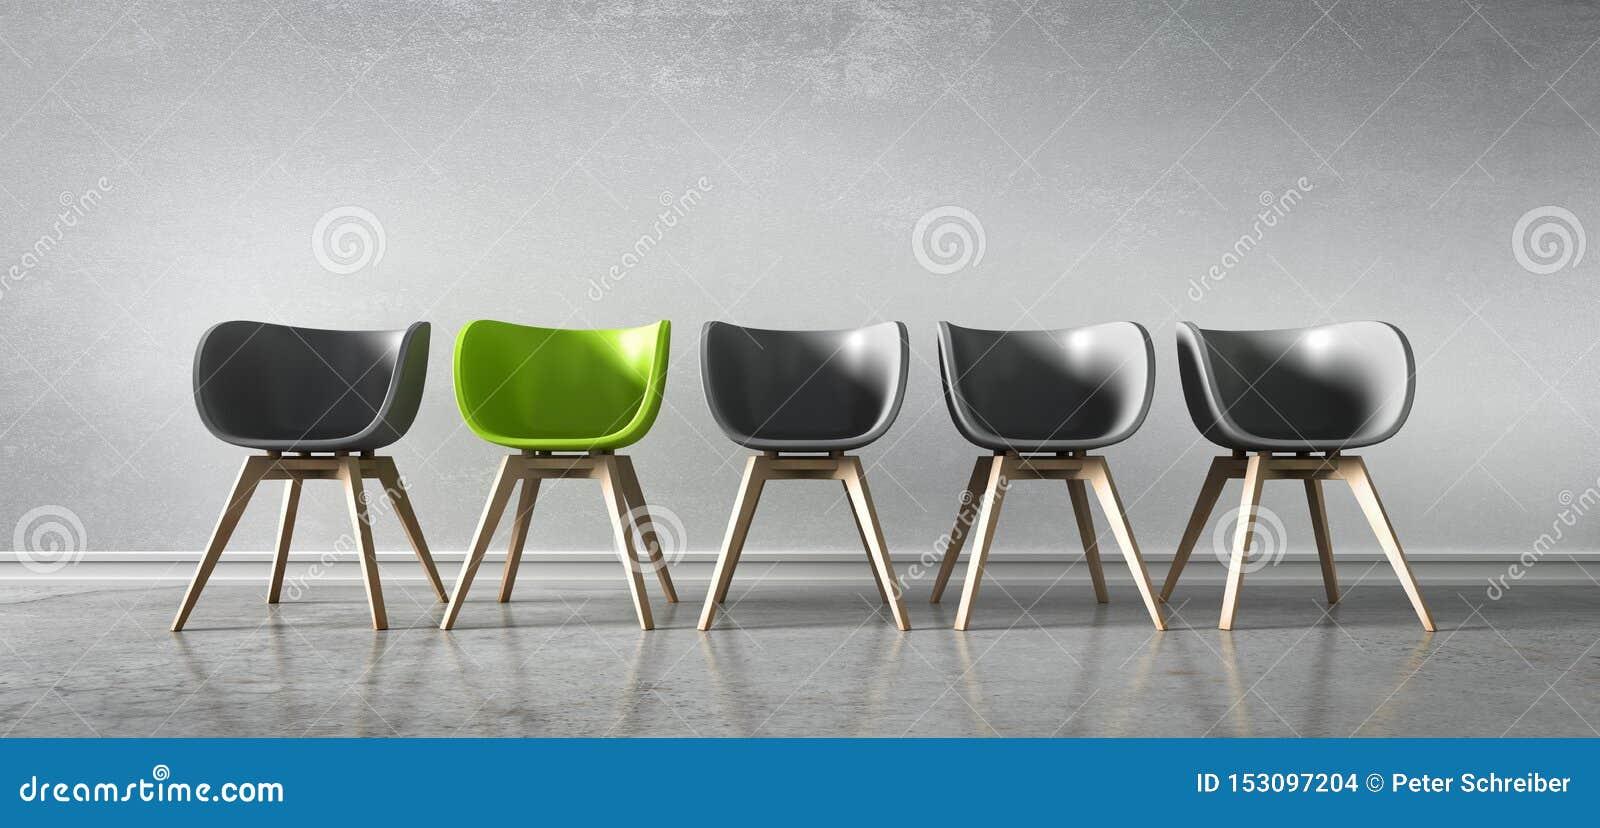 Vijf stoelen op een rij - conceptenbespreking